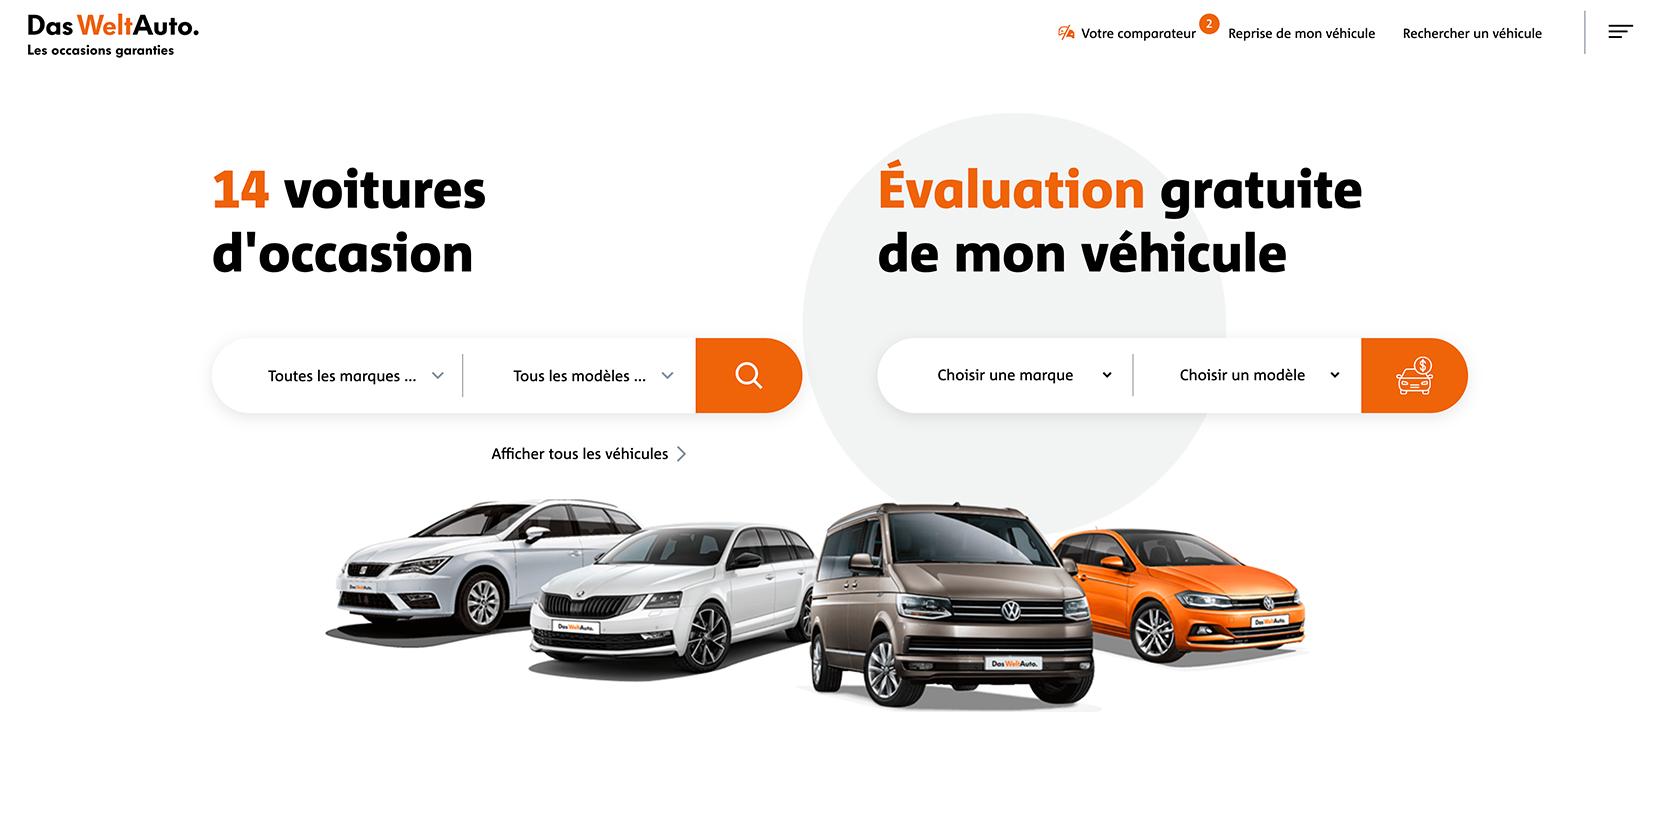 Le site Das Welt Auto fait peau neuve et propose un argus en ligne